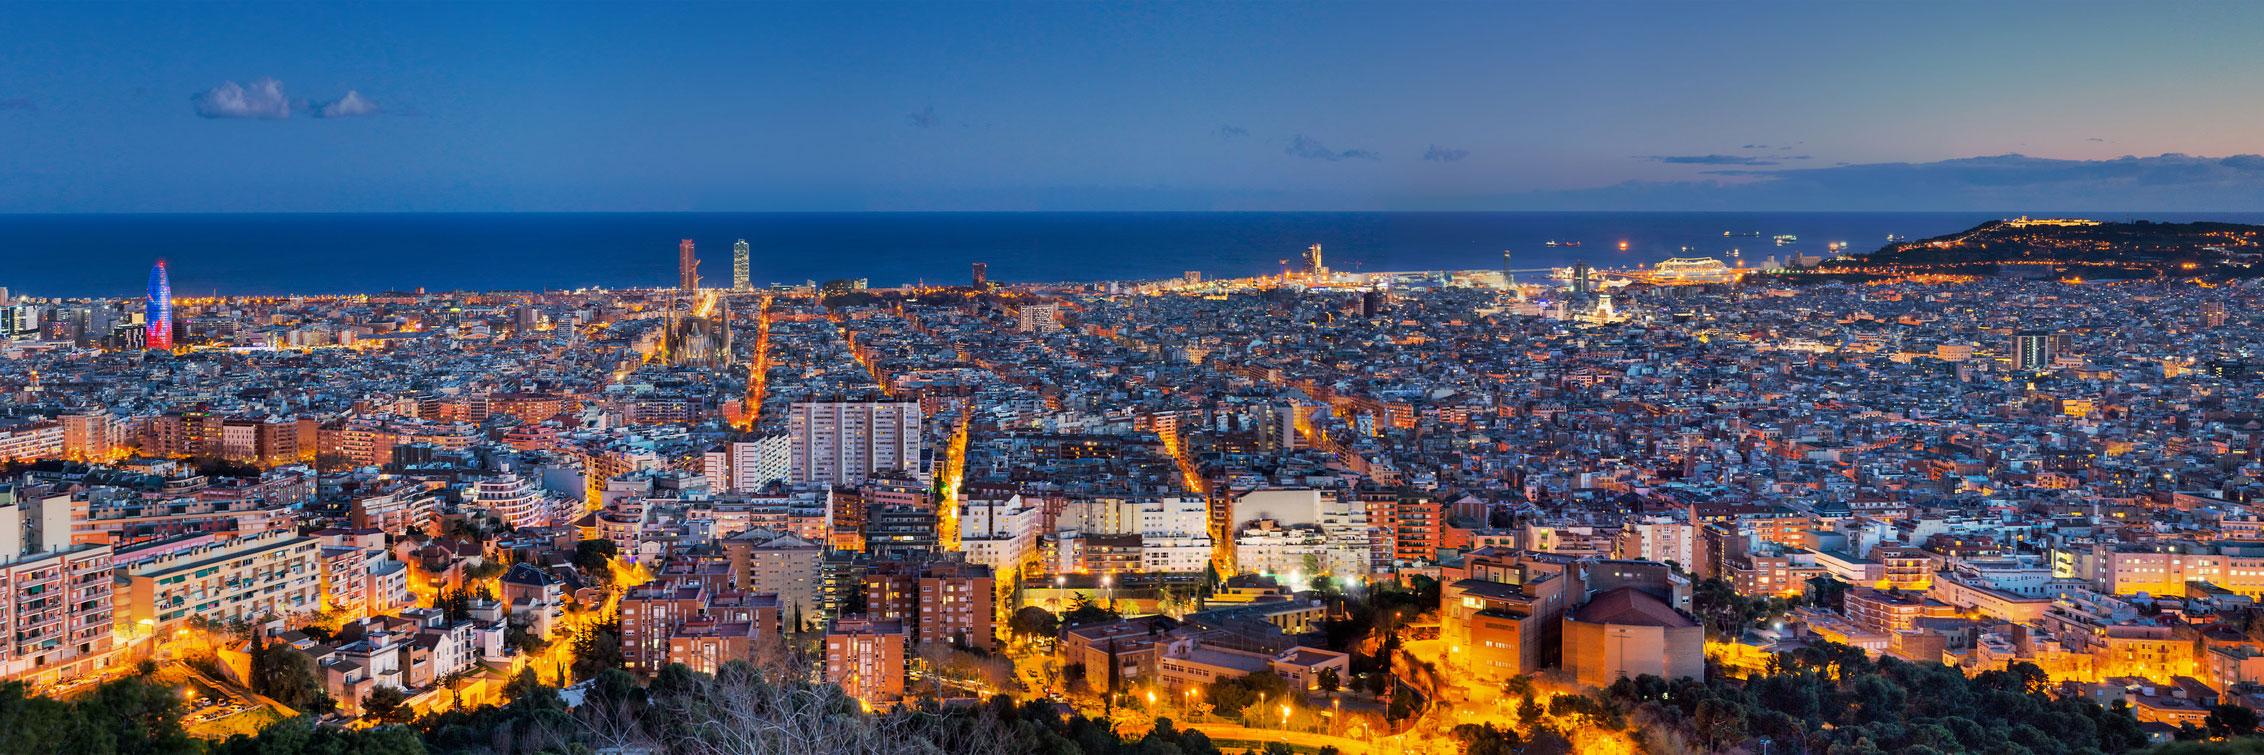 Barcelona wymiana walut